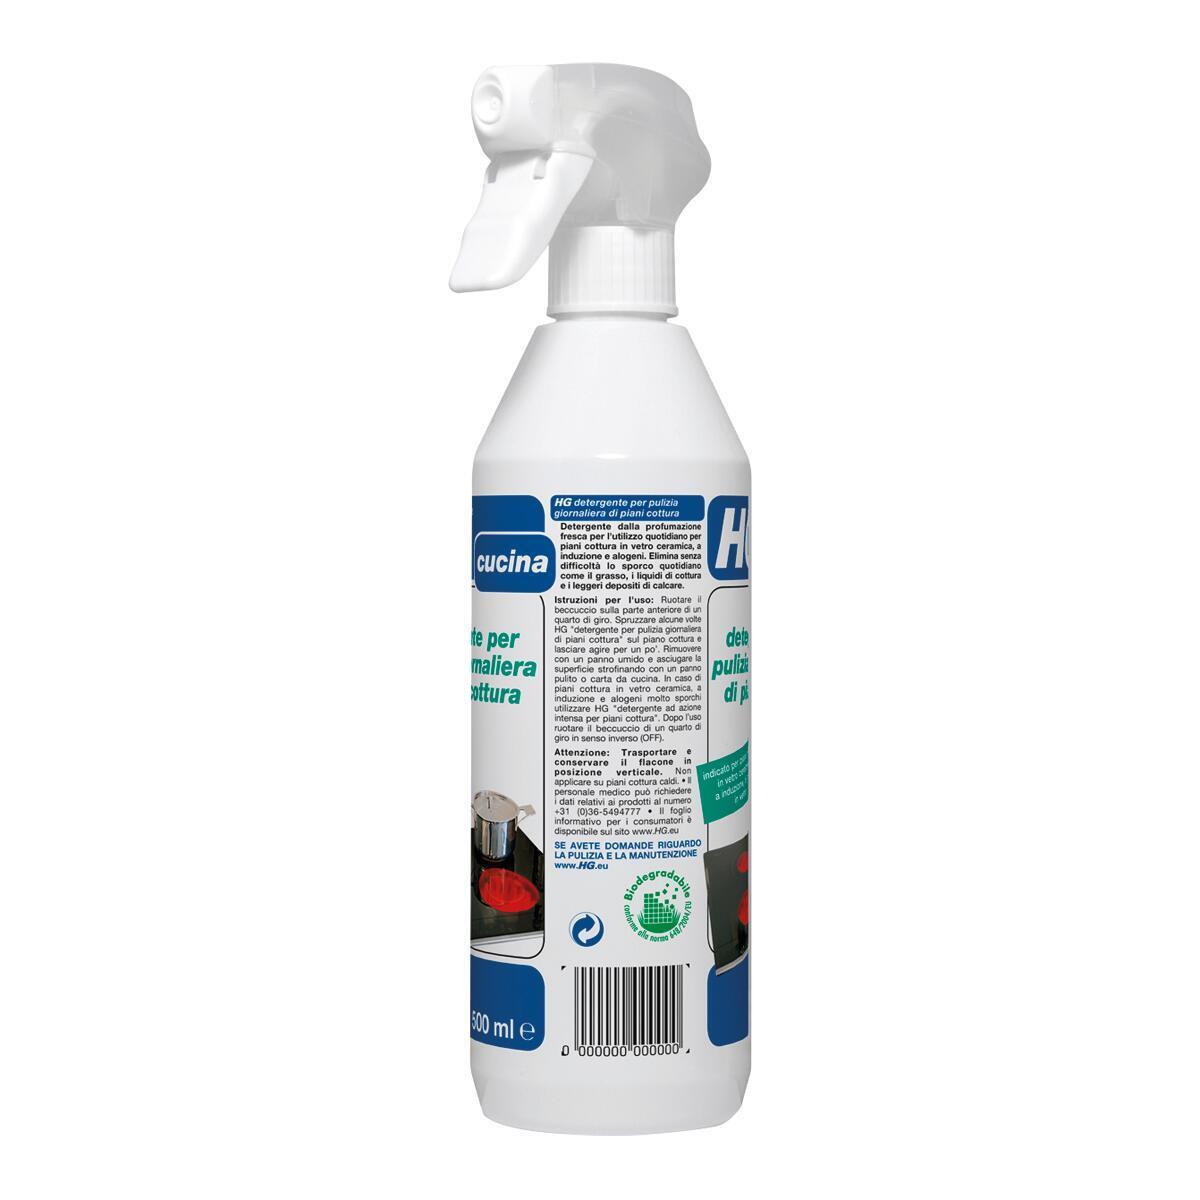 Detergente HG per vetroceramica piastra a induzione 0,5 lt - 4